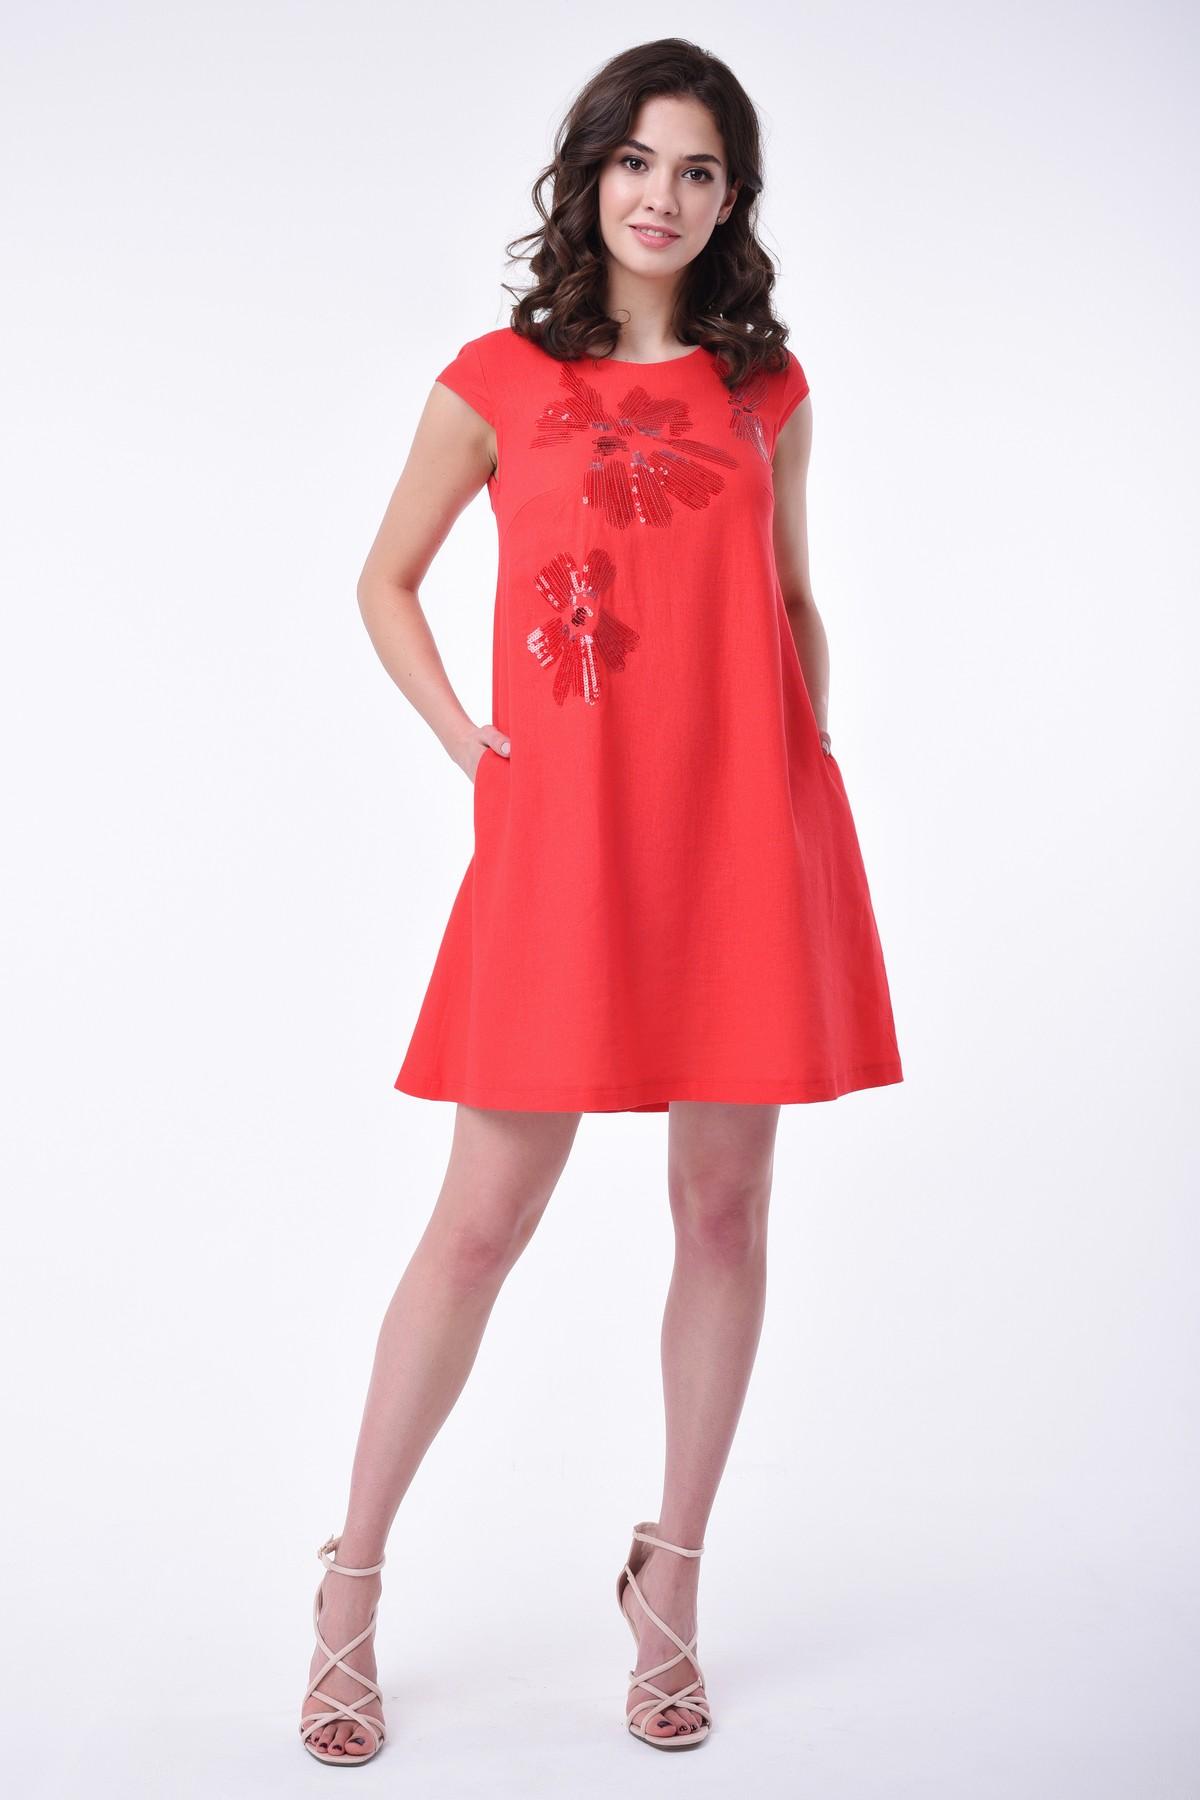 e85983339f2 Летнее платье А-силуэта с пайетками